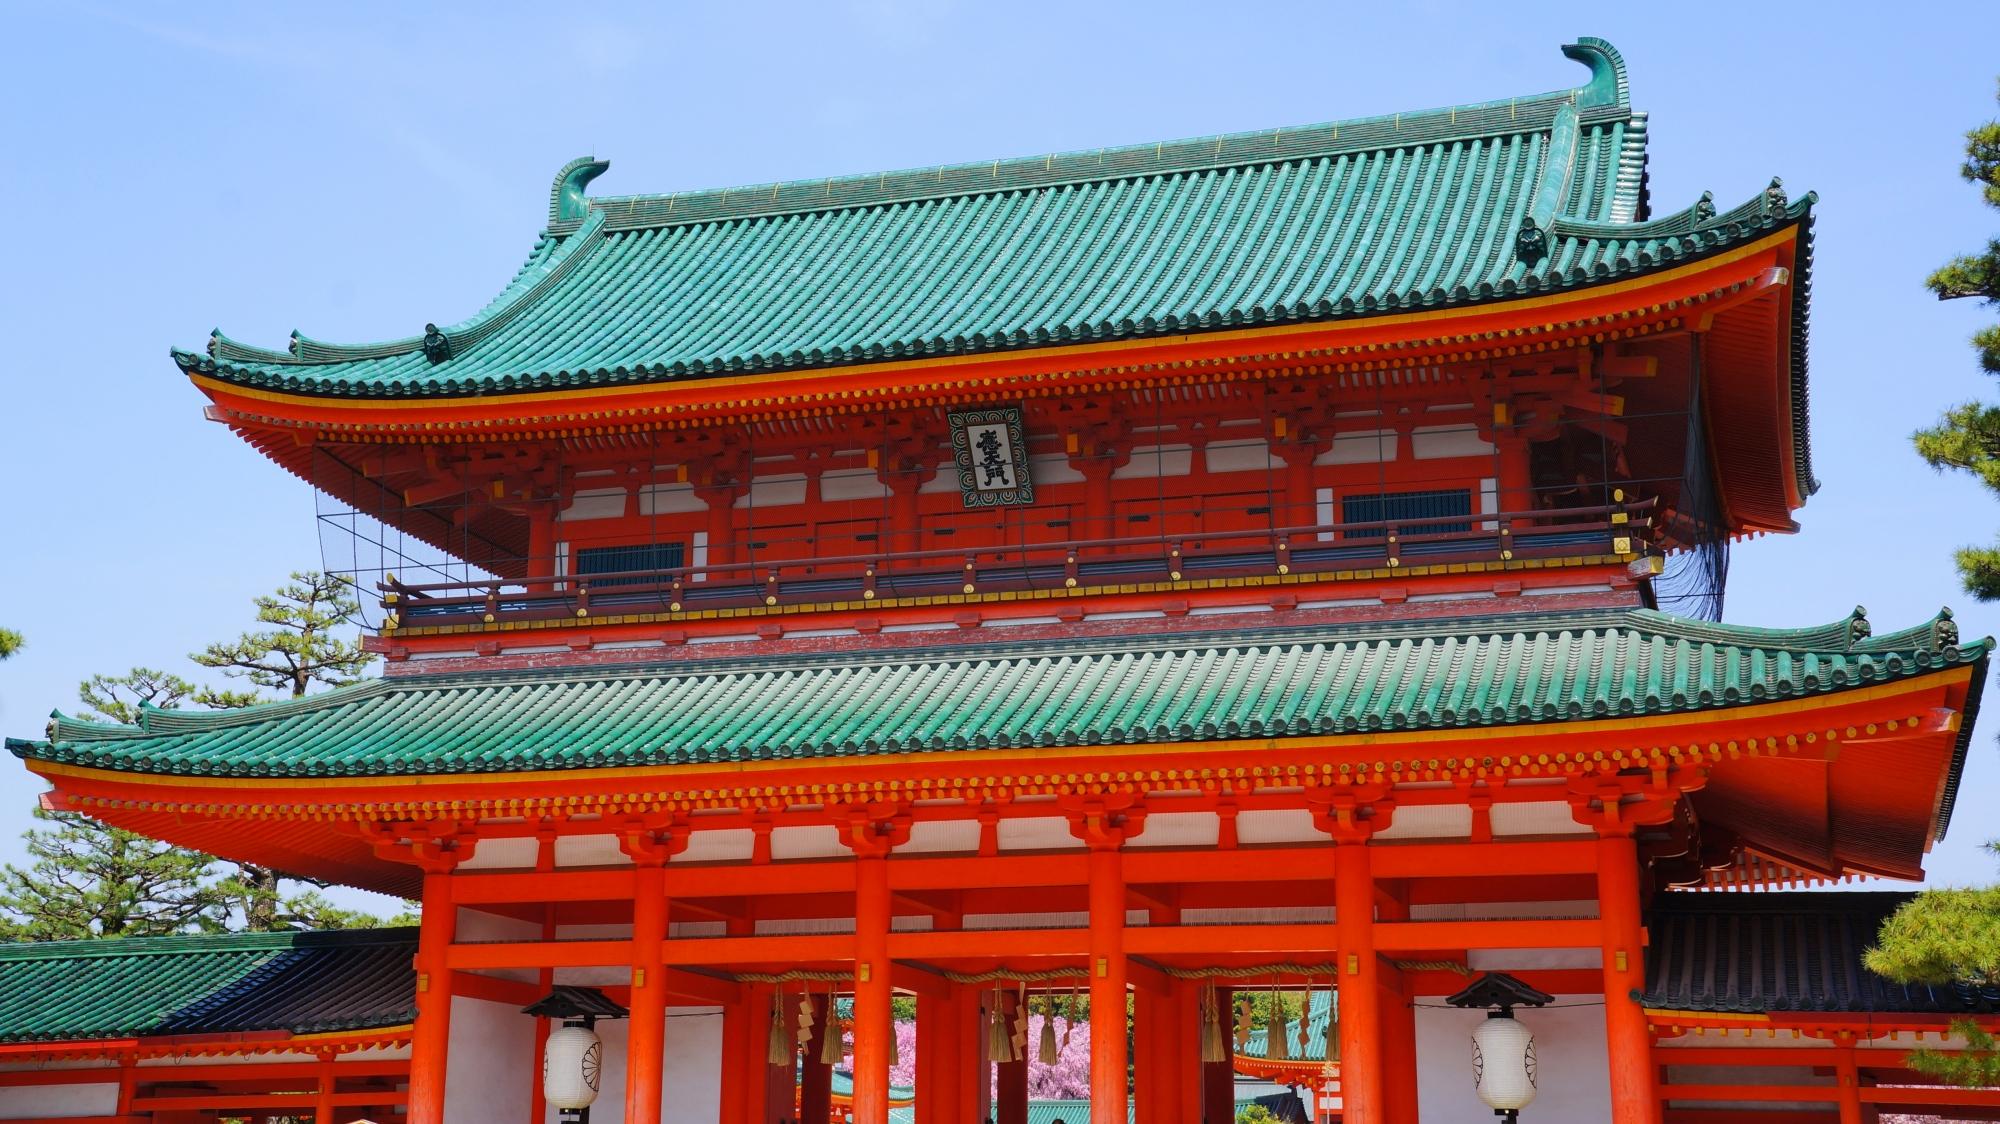 鮮やかで雅な色合いの平安神宮の応天門